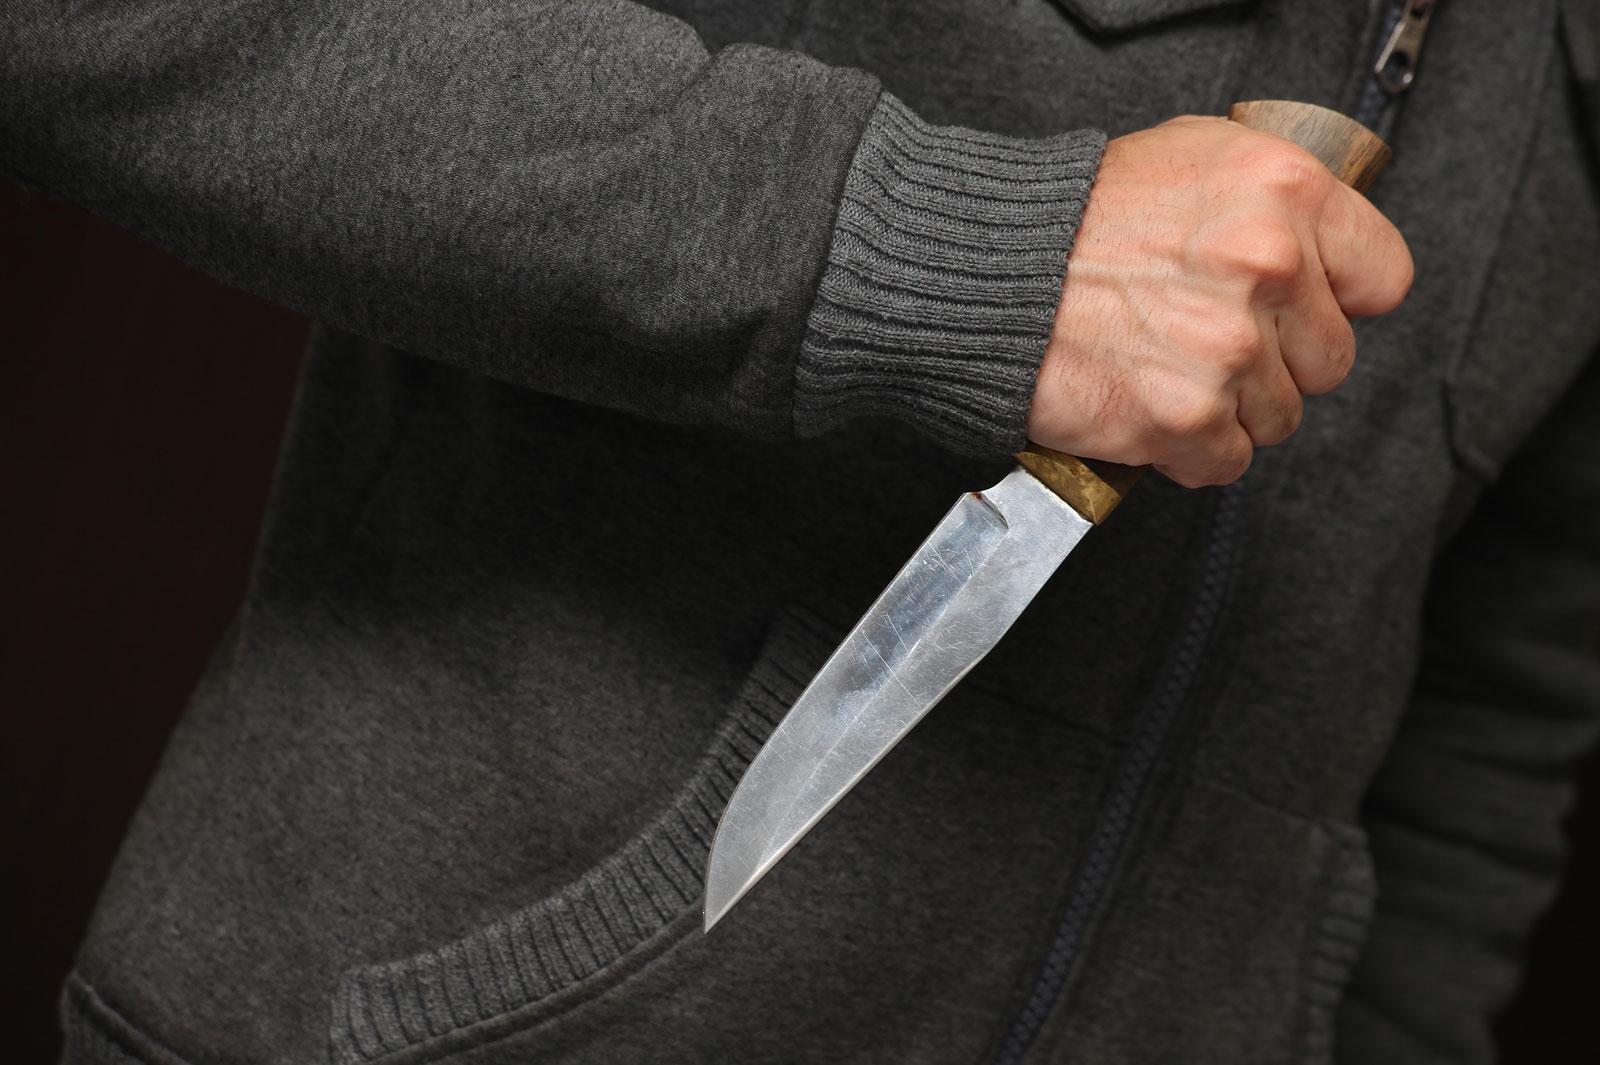 Сын подозревается в зверском убийстве матери в Астрахани